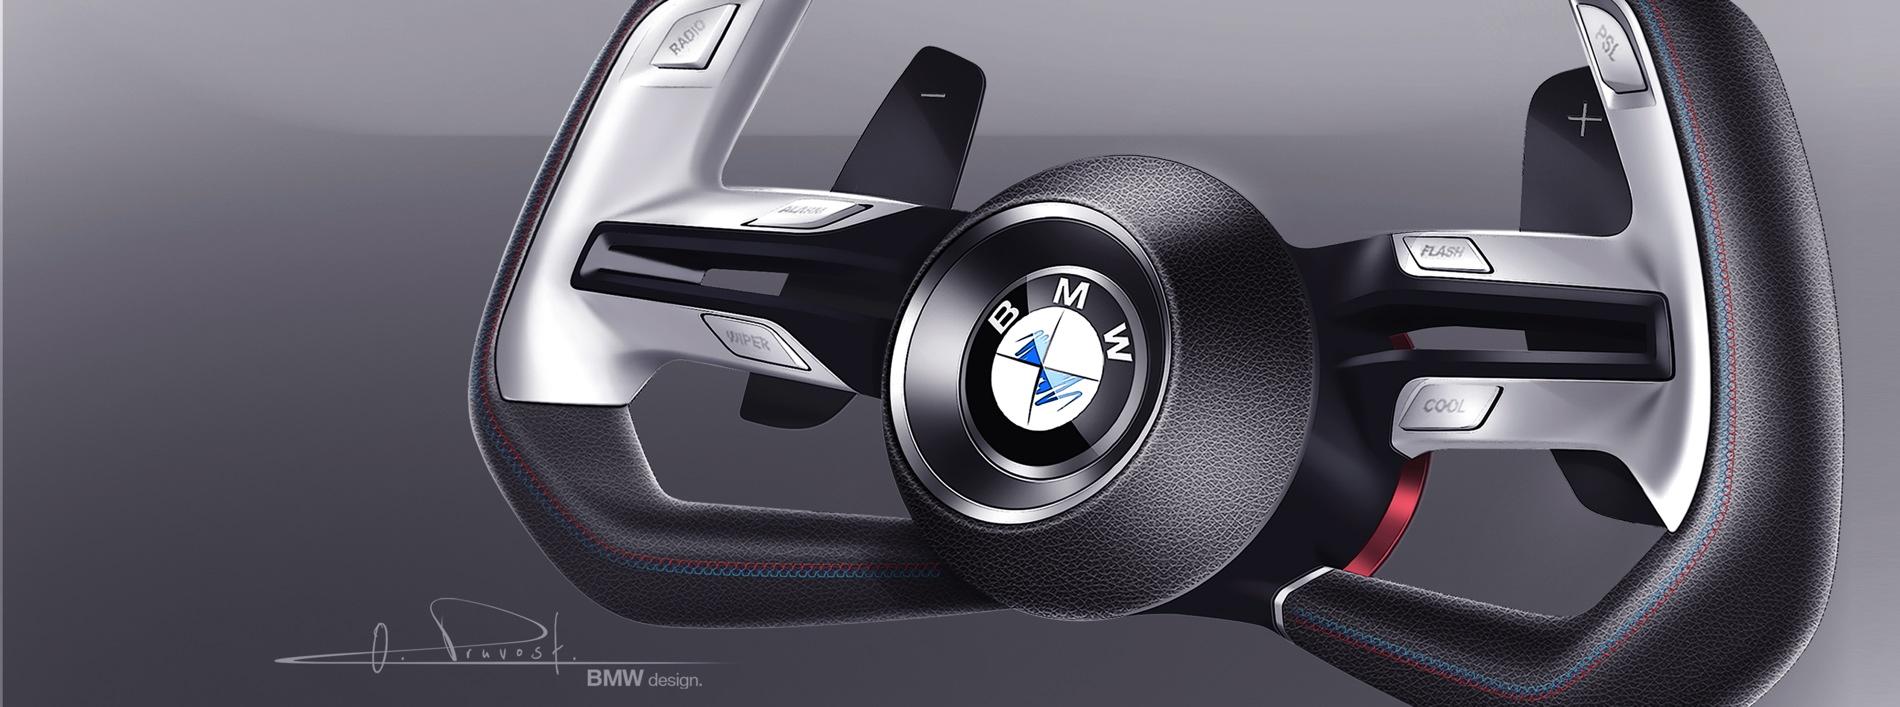 bmw concept car pebble beach images 01